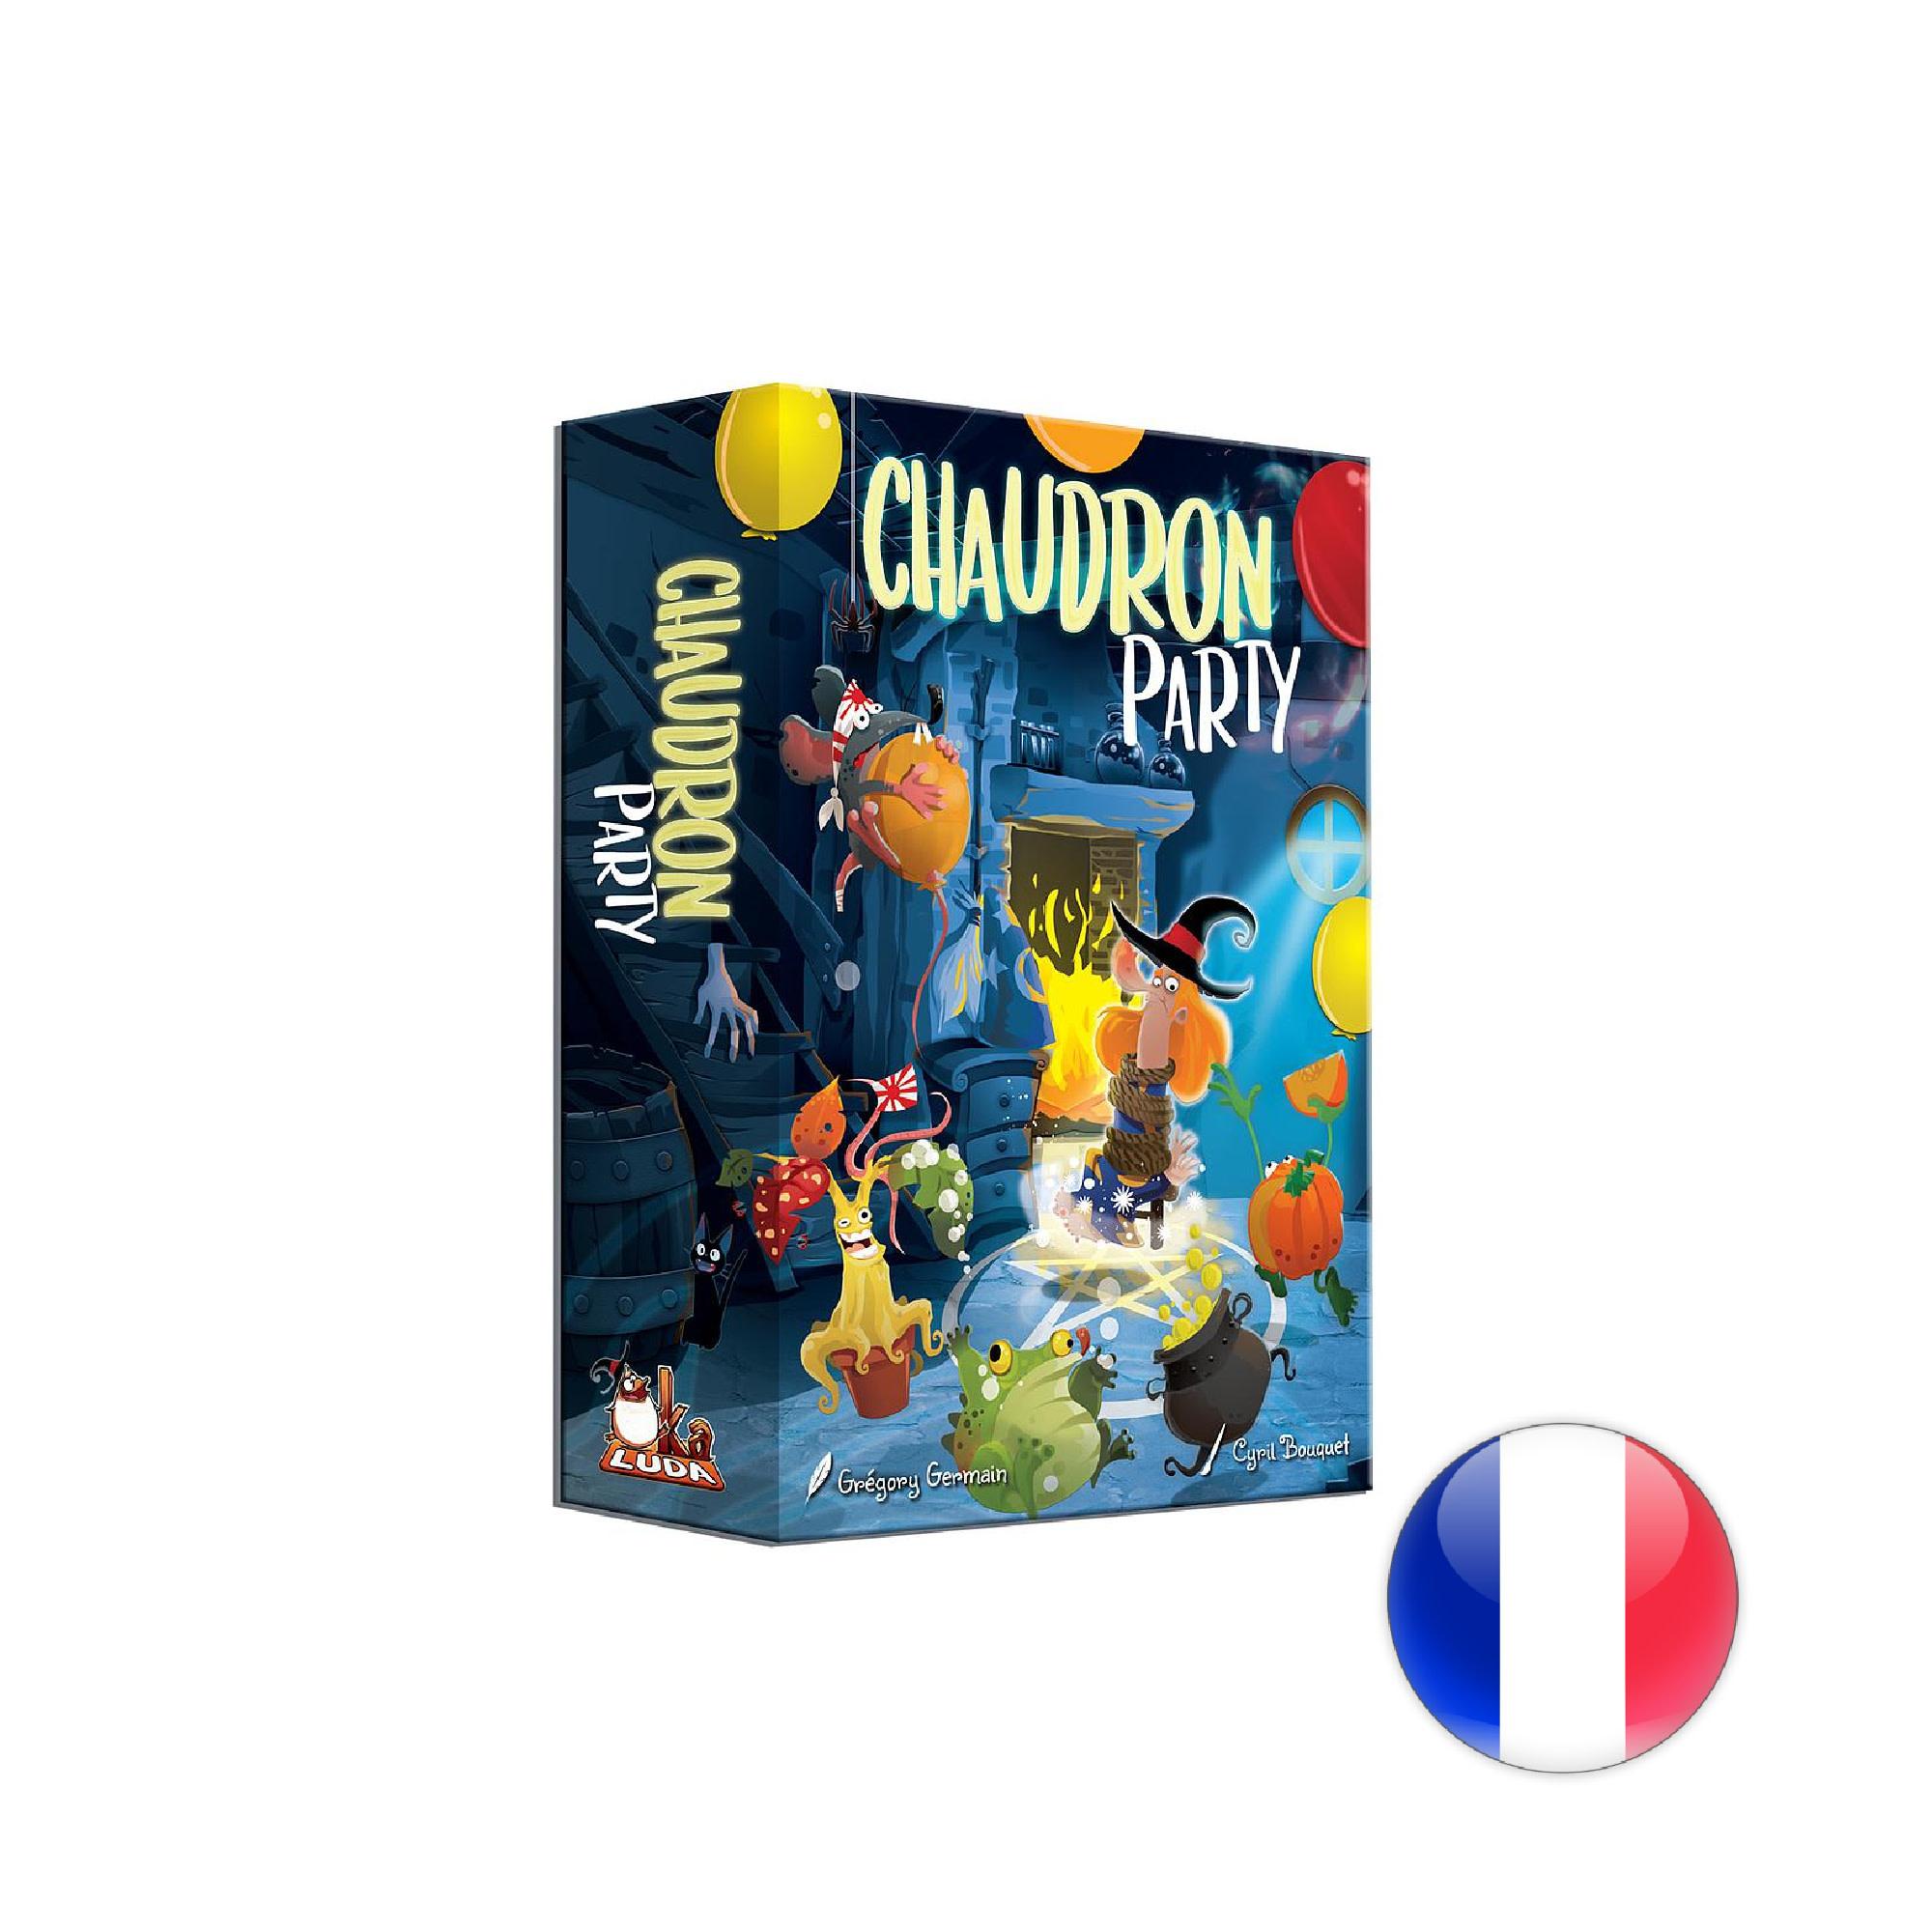 Oka luda Editions Chaudron  Party